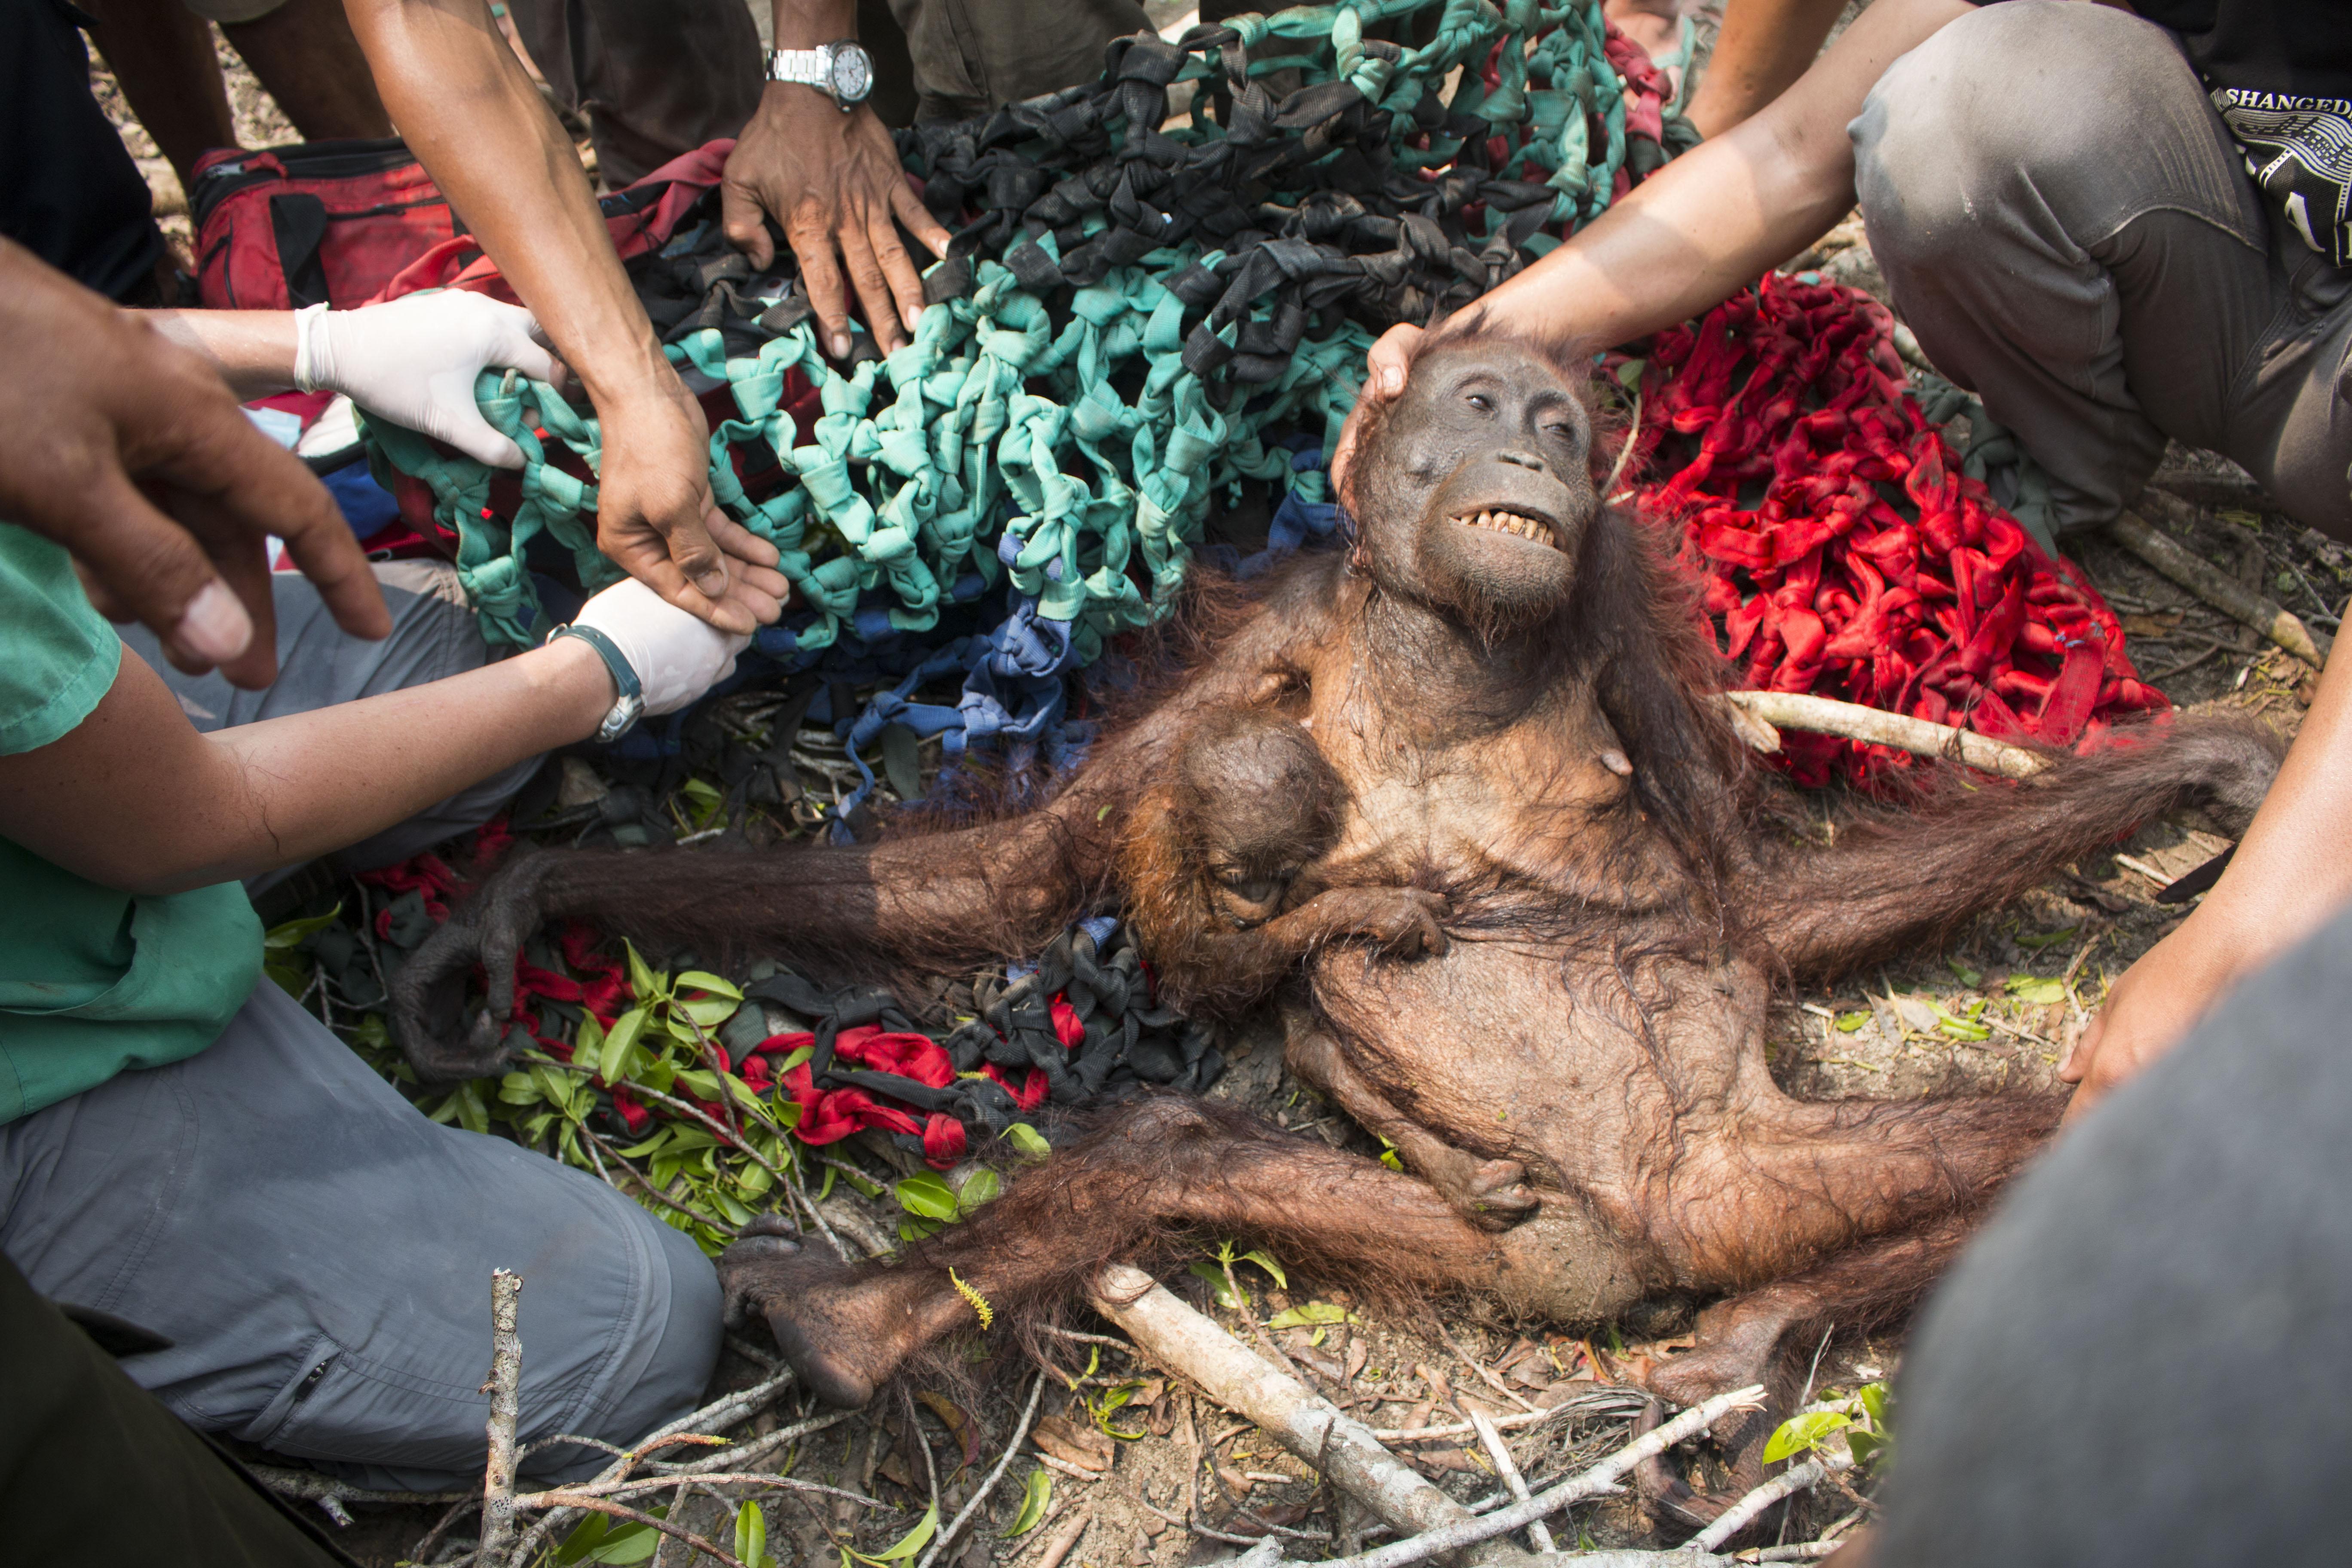 Indonésie: des orangs-outans fuyant les feux de forêts, attaqués par des villageois